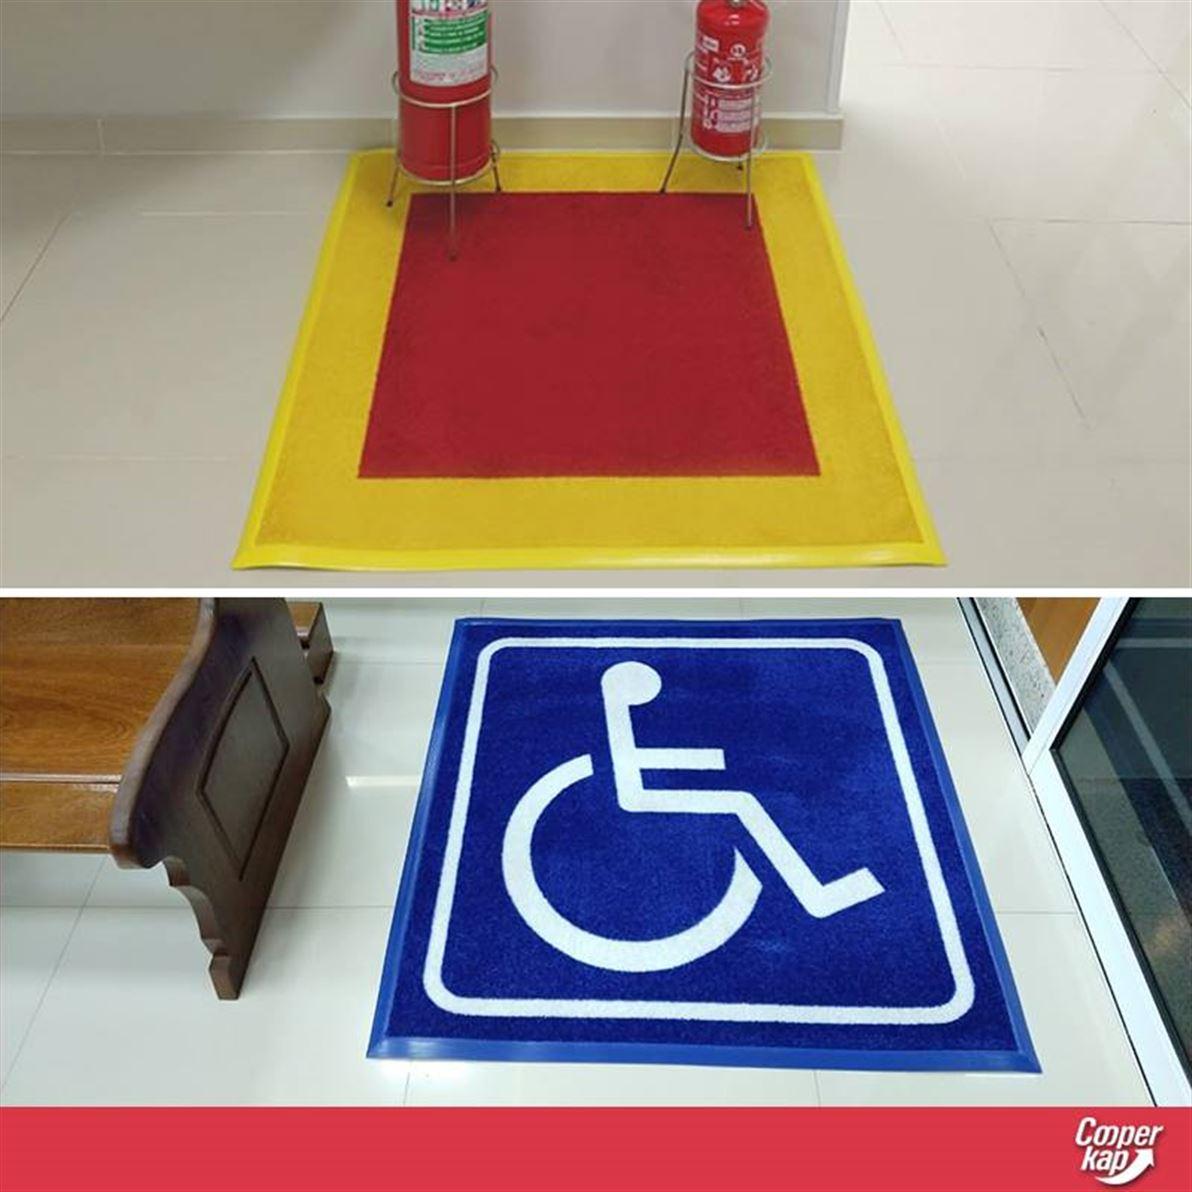 Tapete Personalizado Cleankap - Limpa e Seca os Pés exclusividade de personalização no Brasil